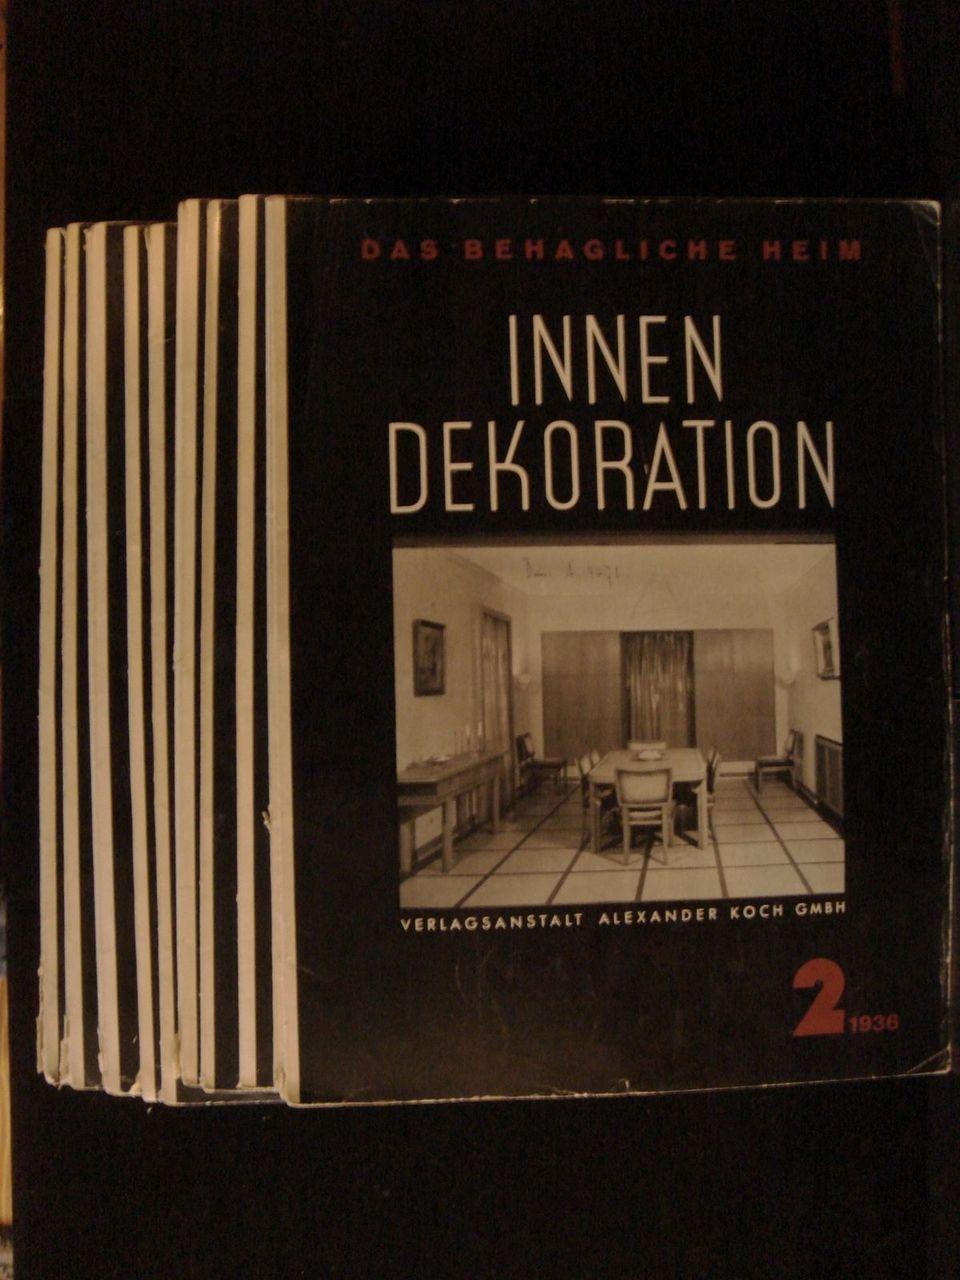 Das Behagliche Heim INNEN DEKORATION 1936 MidCentury Modern Interior Decor VG